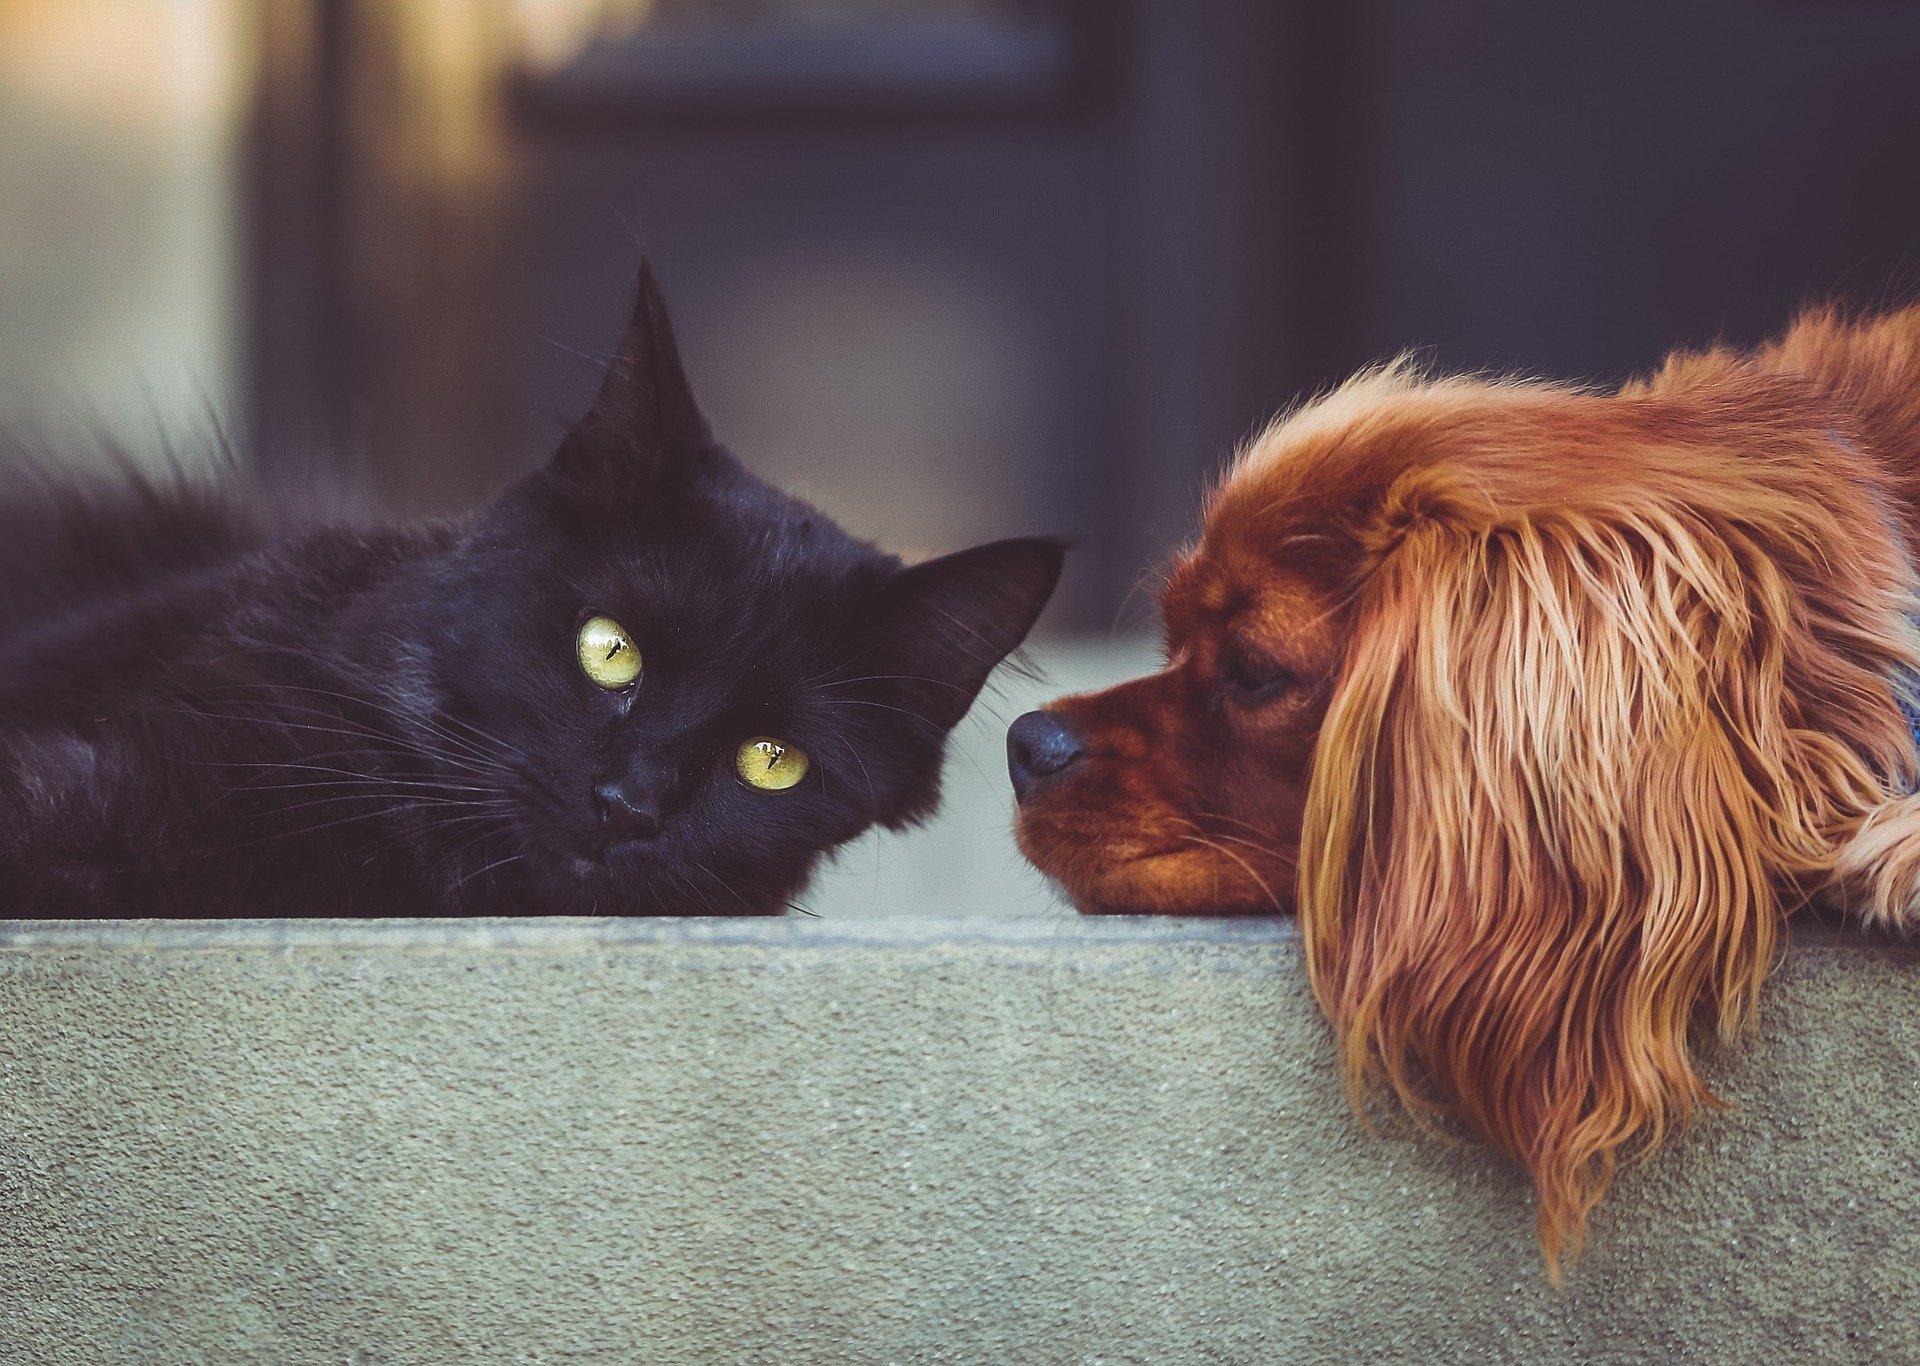 Mít domácího mazlíčka neznamená je nerušené hraní si s ním, společné ležení u televize a procházky. Znamená to i starosti spojené s péčí o naše čtyřnohé kamarády, nevyhnutelné línání či zápach nesoucí se z přítomnosti kočky v našem domově. Jak proti těmto nepříjemnostem bojovat?